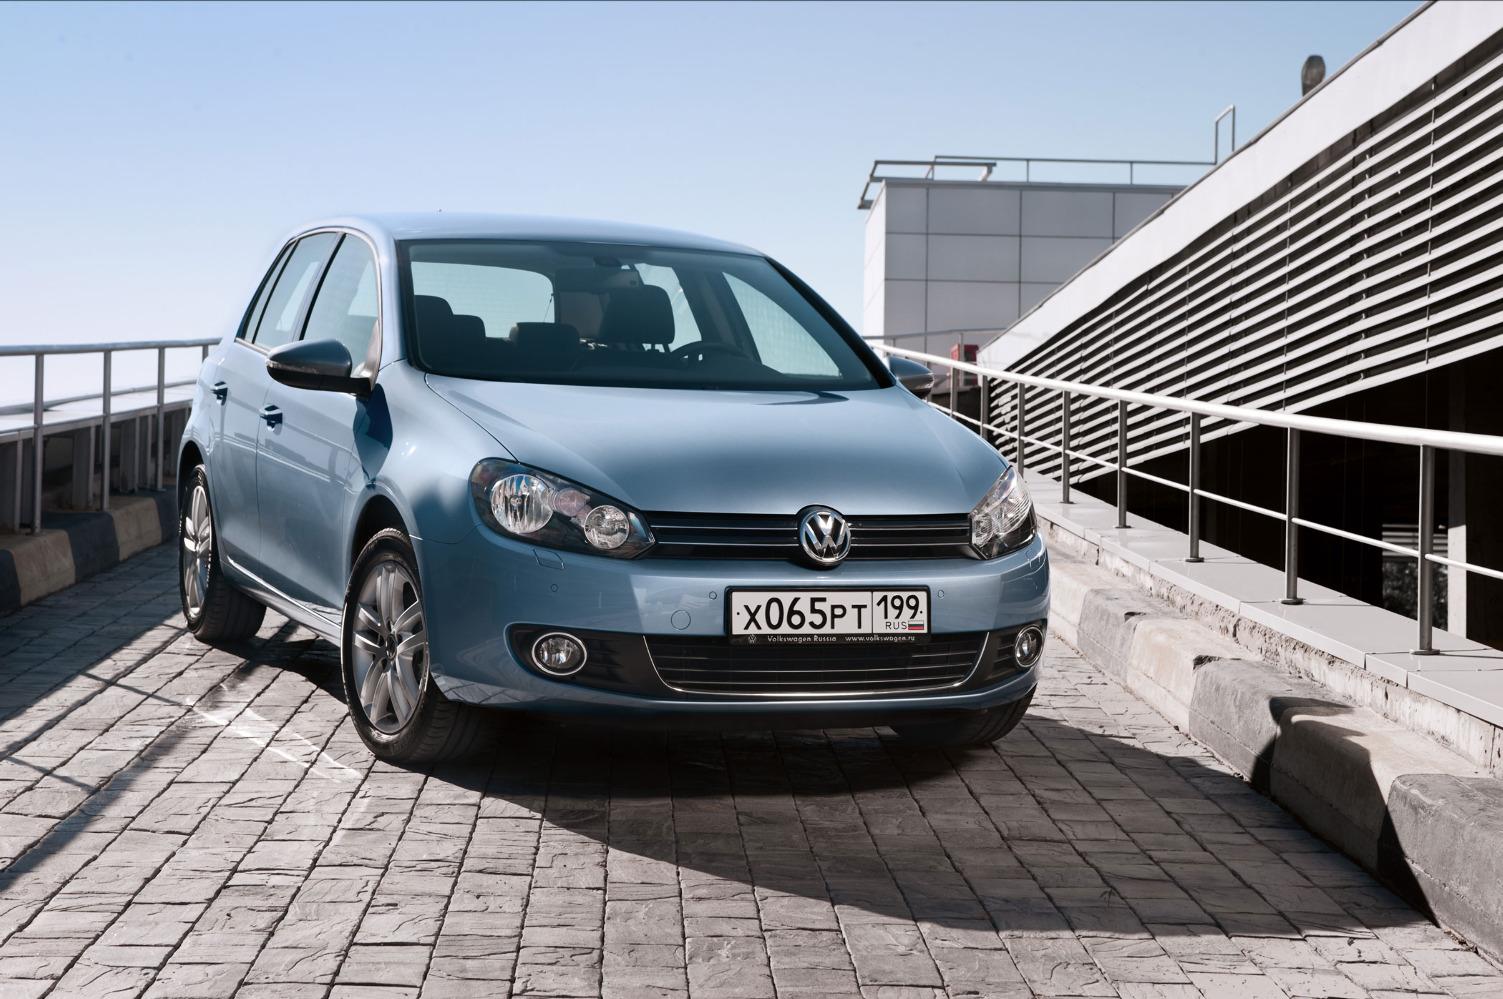 Неравномерные зазоры между панелями кузова на новом VW Golf VI